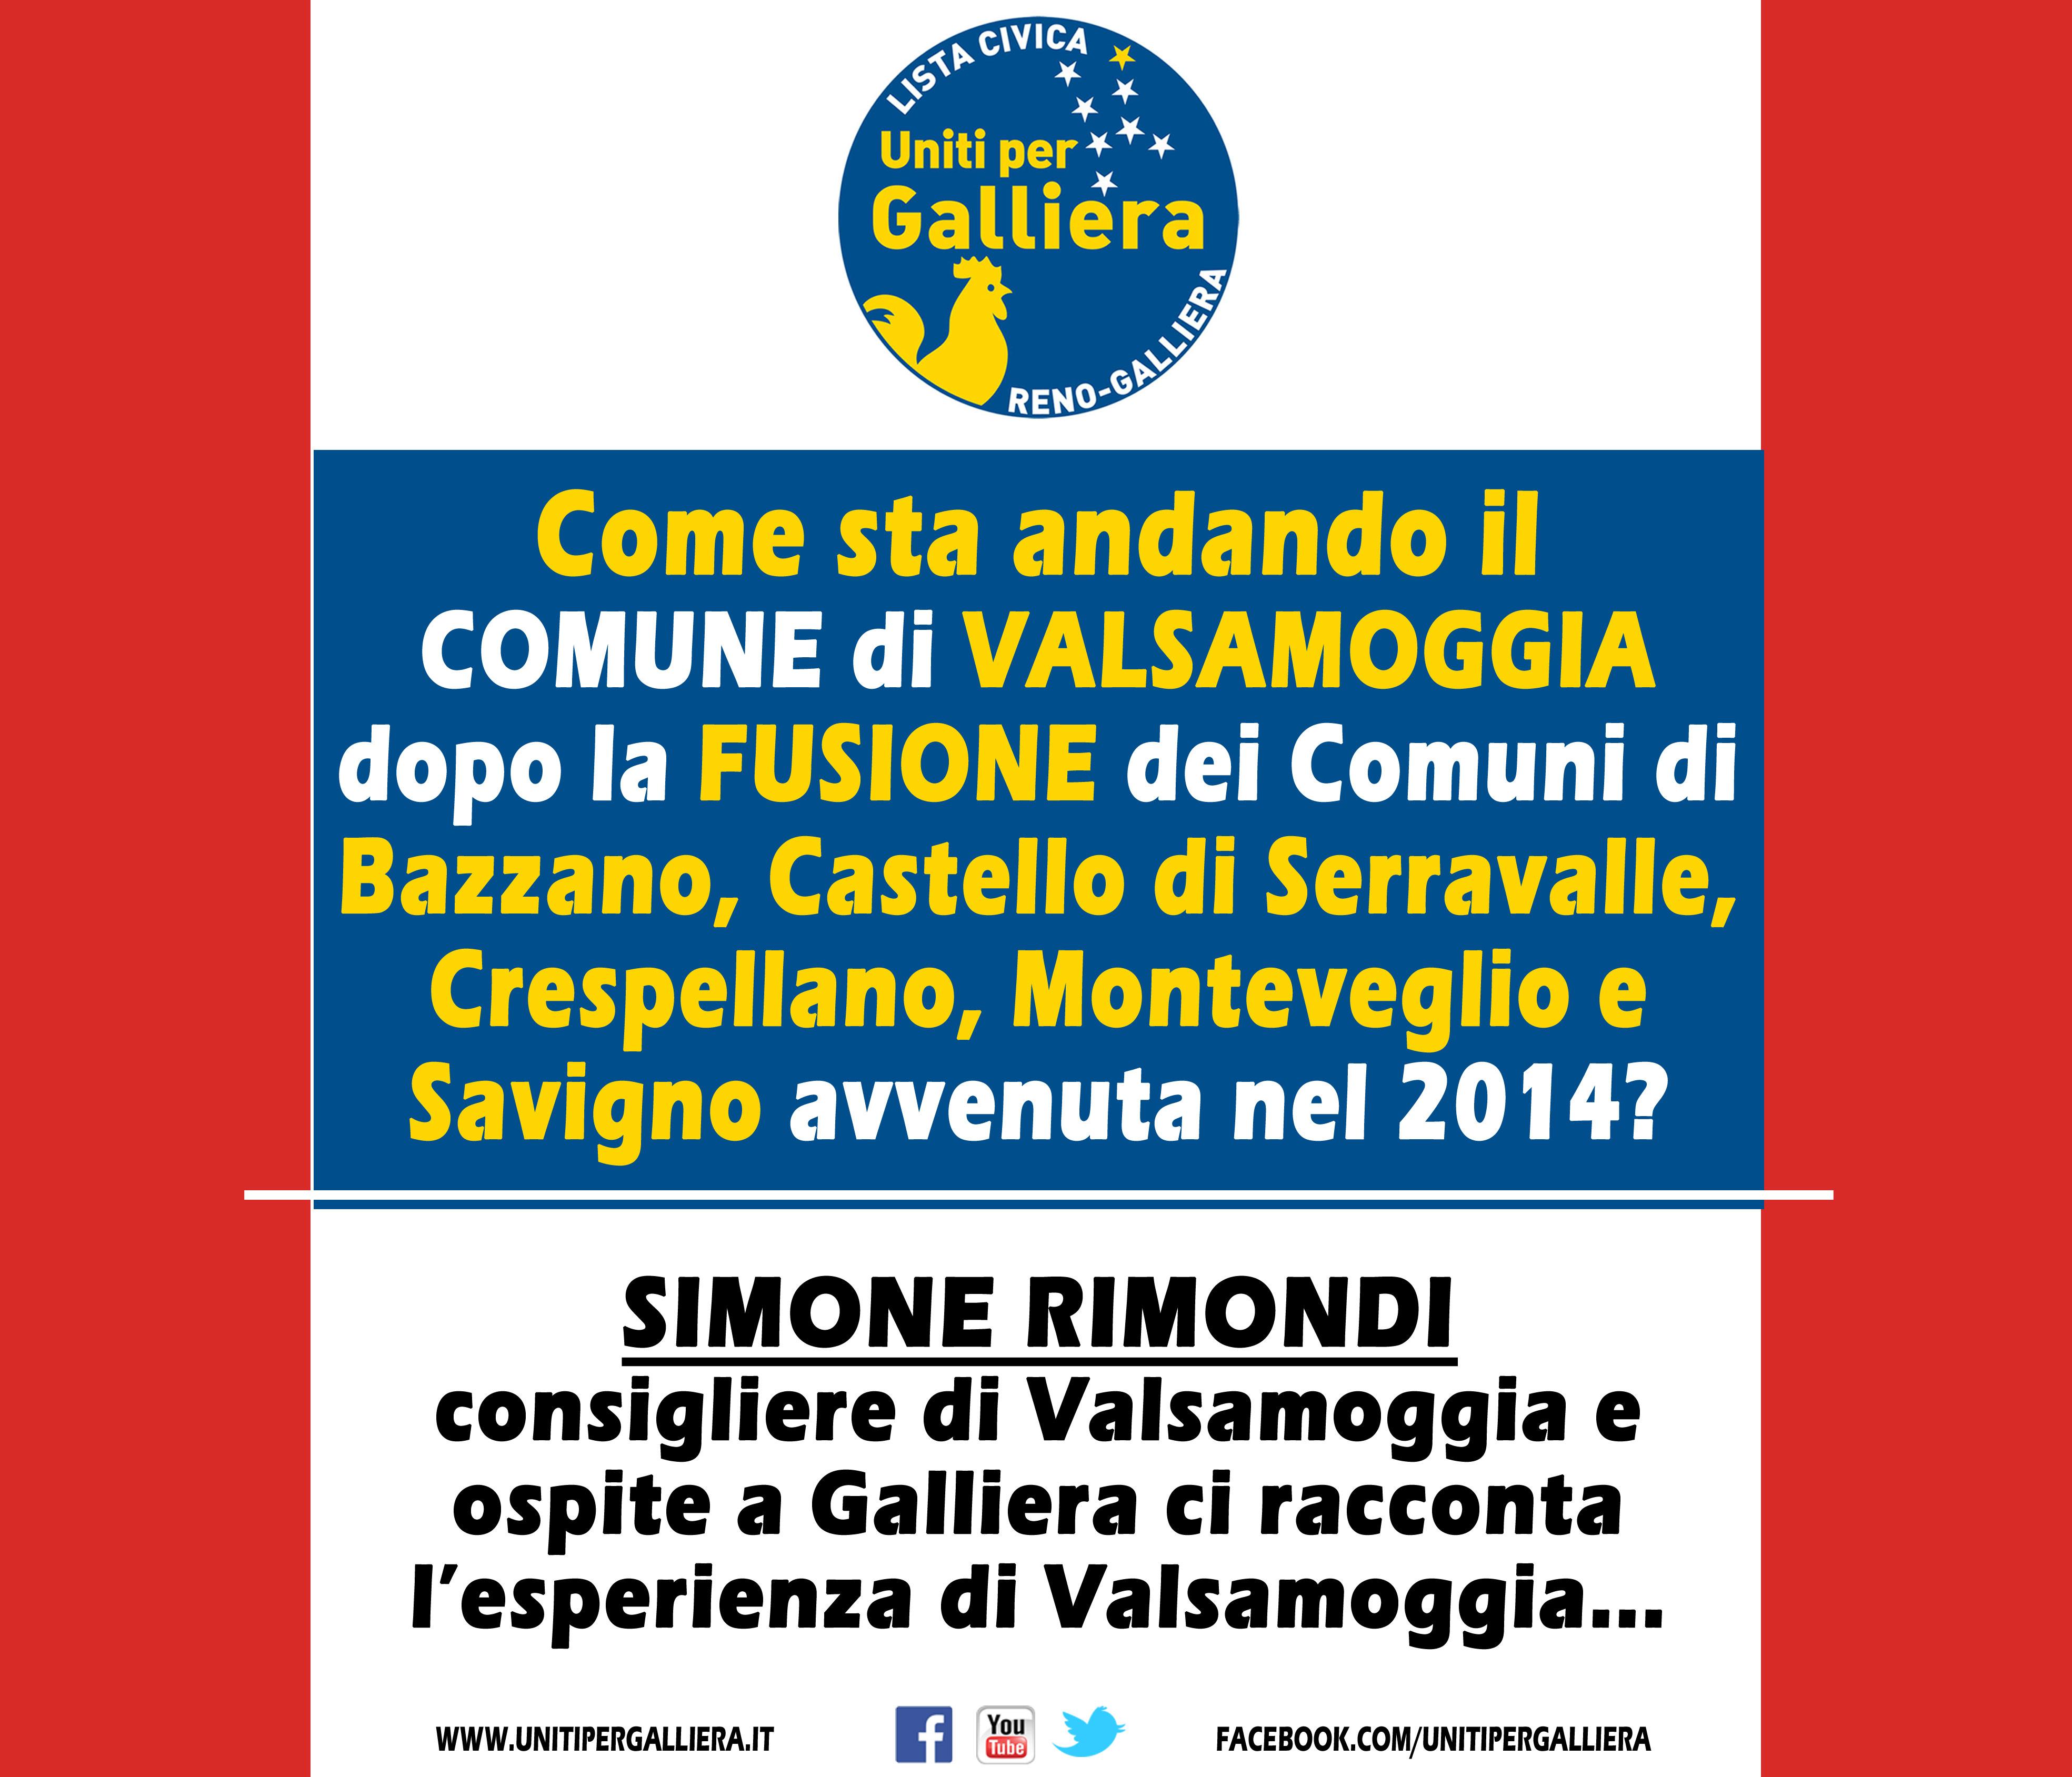 Galliera faccia attenzione alla fusione in Valsamoggia